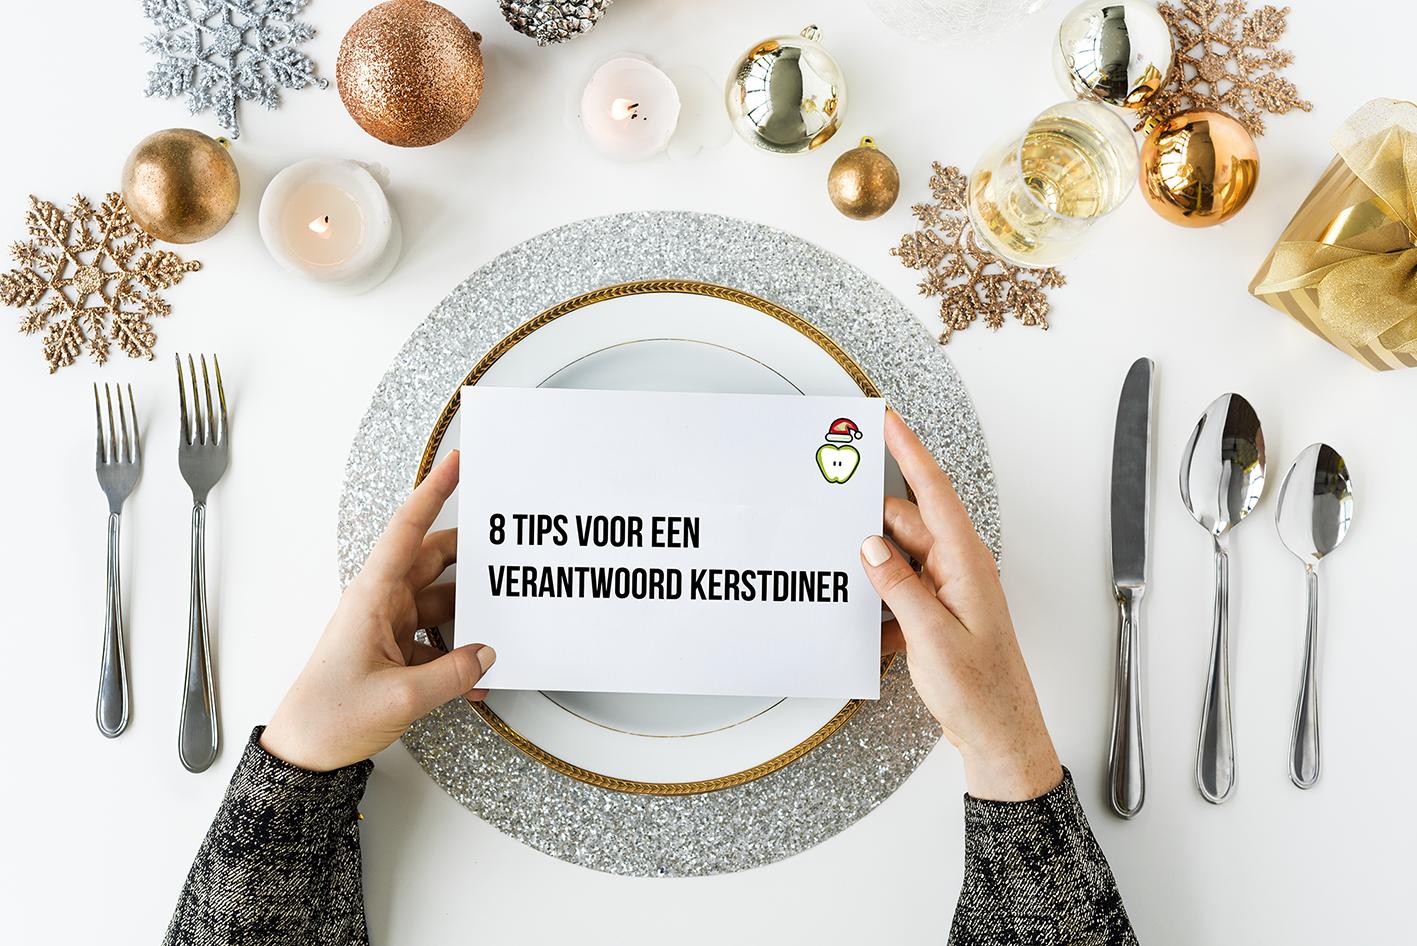 8 tips voor een verantwoord kerstdiner